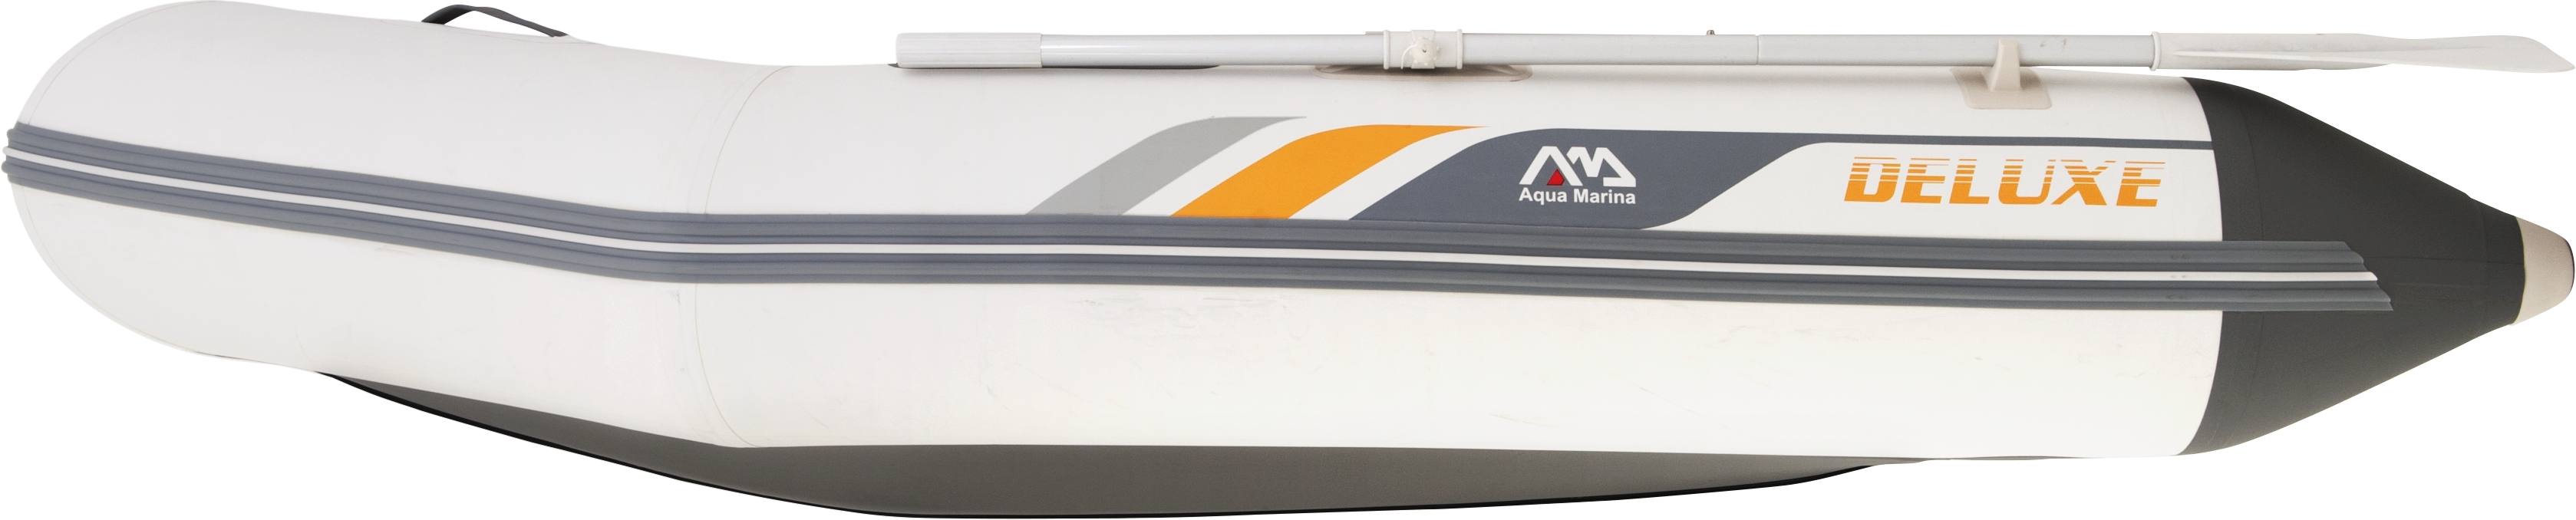 člun Aqua Marina DeLuxe 2,77 s dřevěnou podlážkou